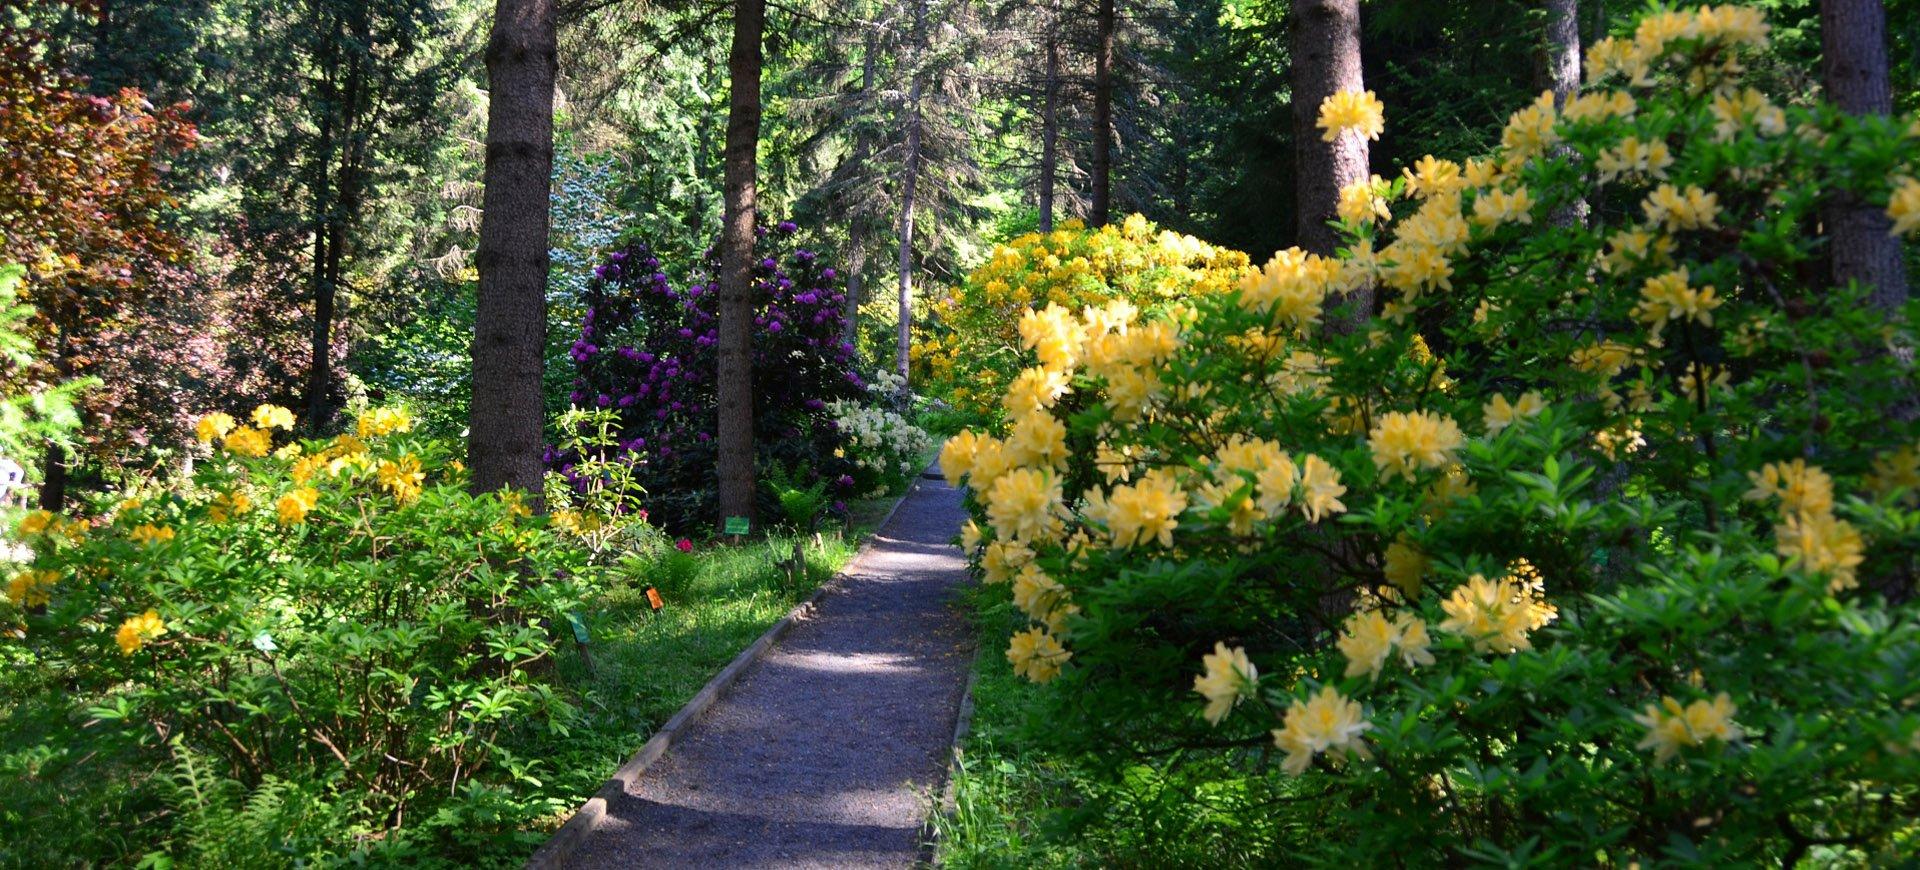 Arboretum w Lądku Zdroju